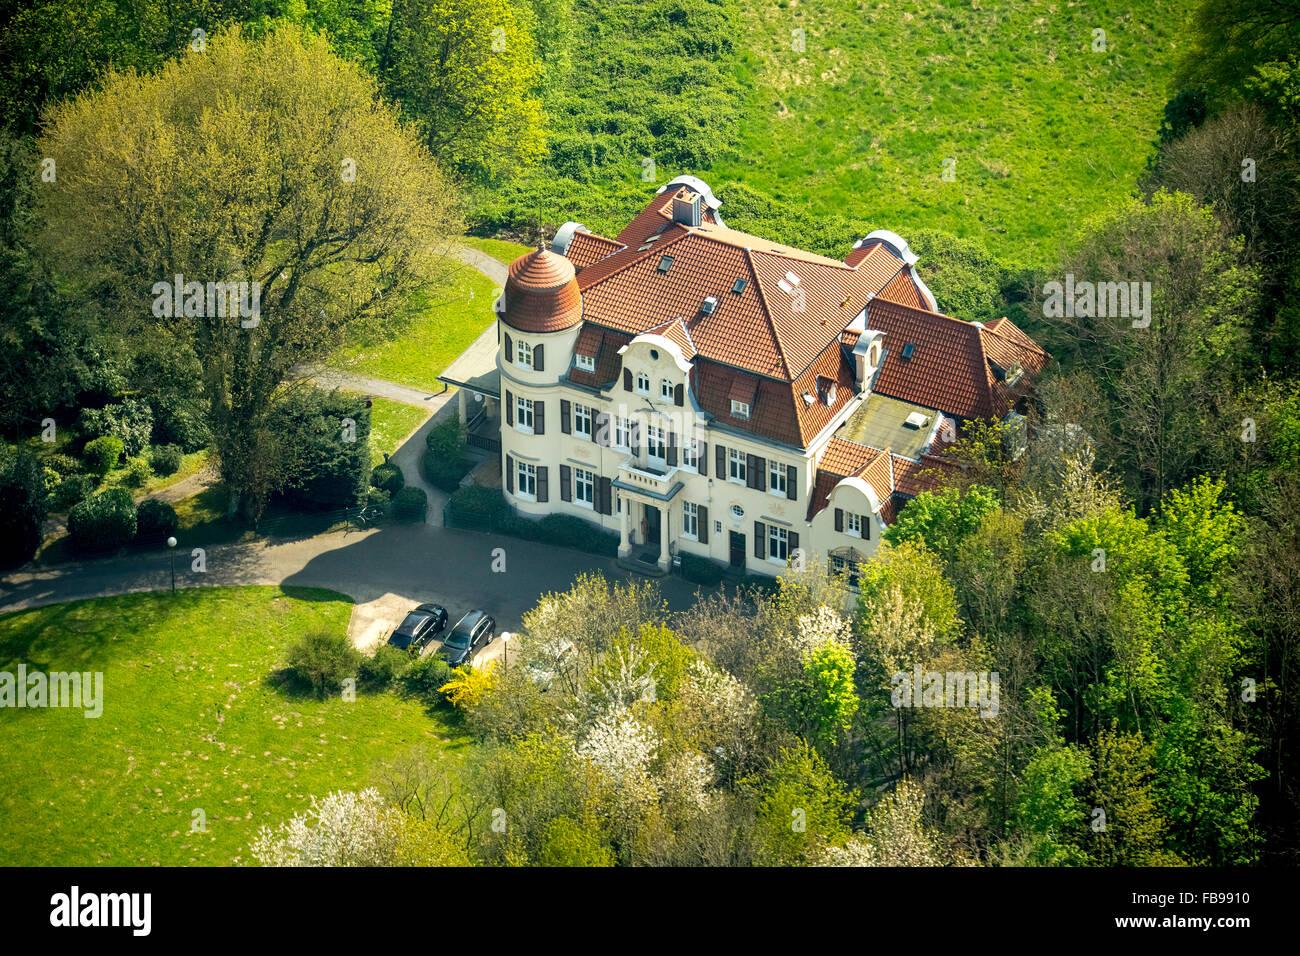 Aerial view, Villa Bayer Erkrath, Hochdahl, Erkrath, Niederrhein, North Rhine-Westphalia, Germany, Europe, Aerial - Stock Image